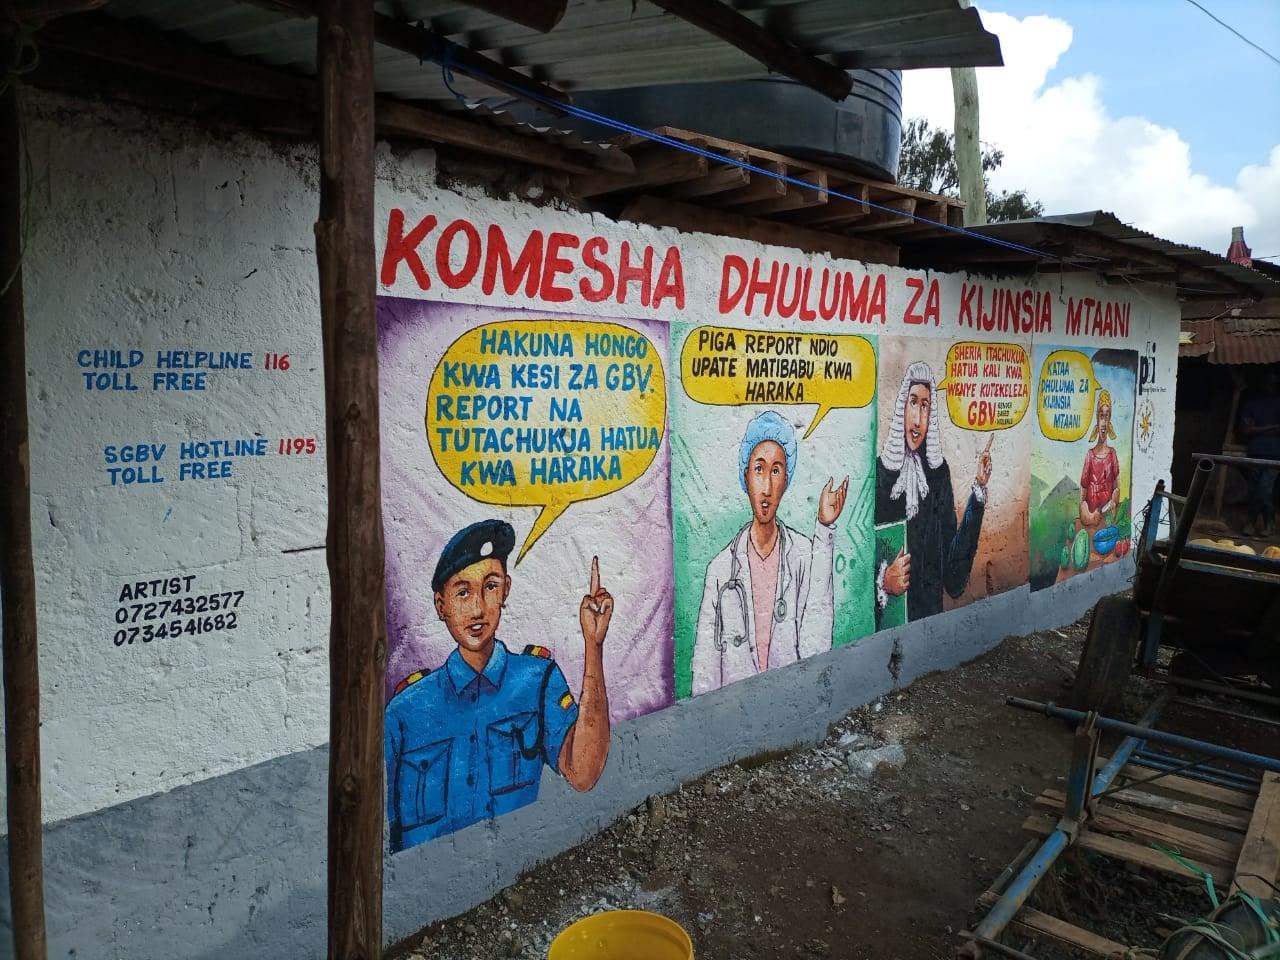 Wandbilder zum Thema sexuelle und geschlechtsspezifische Gewalt